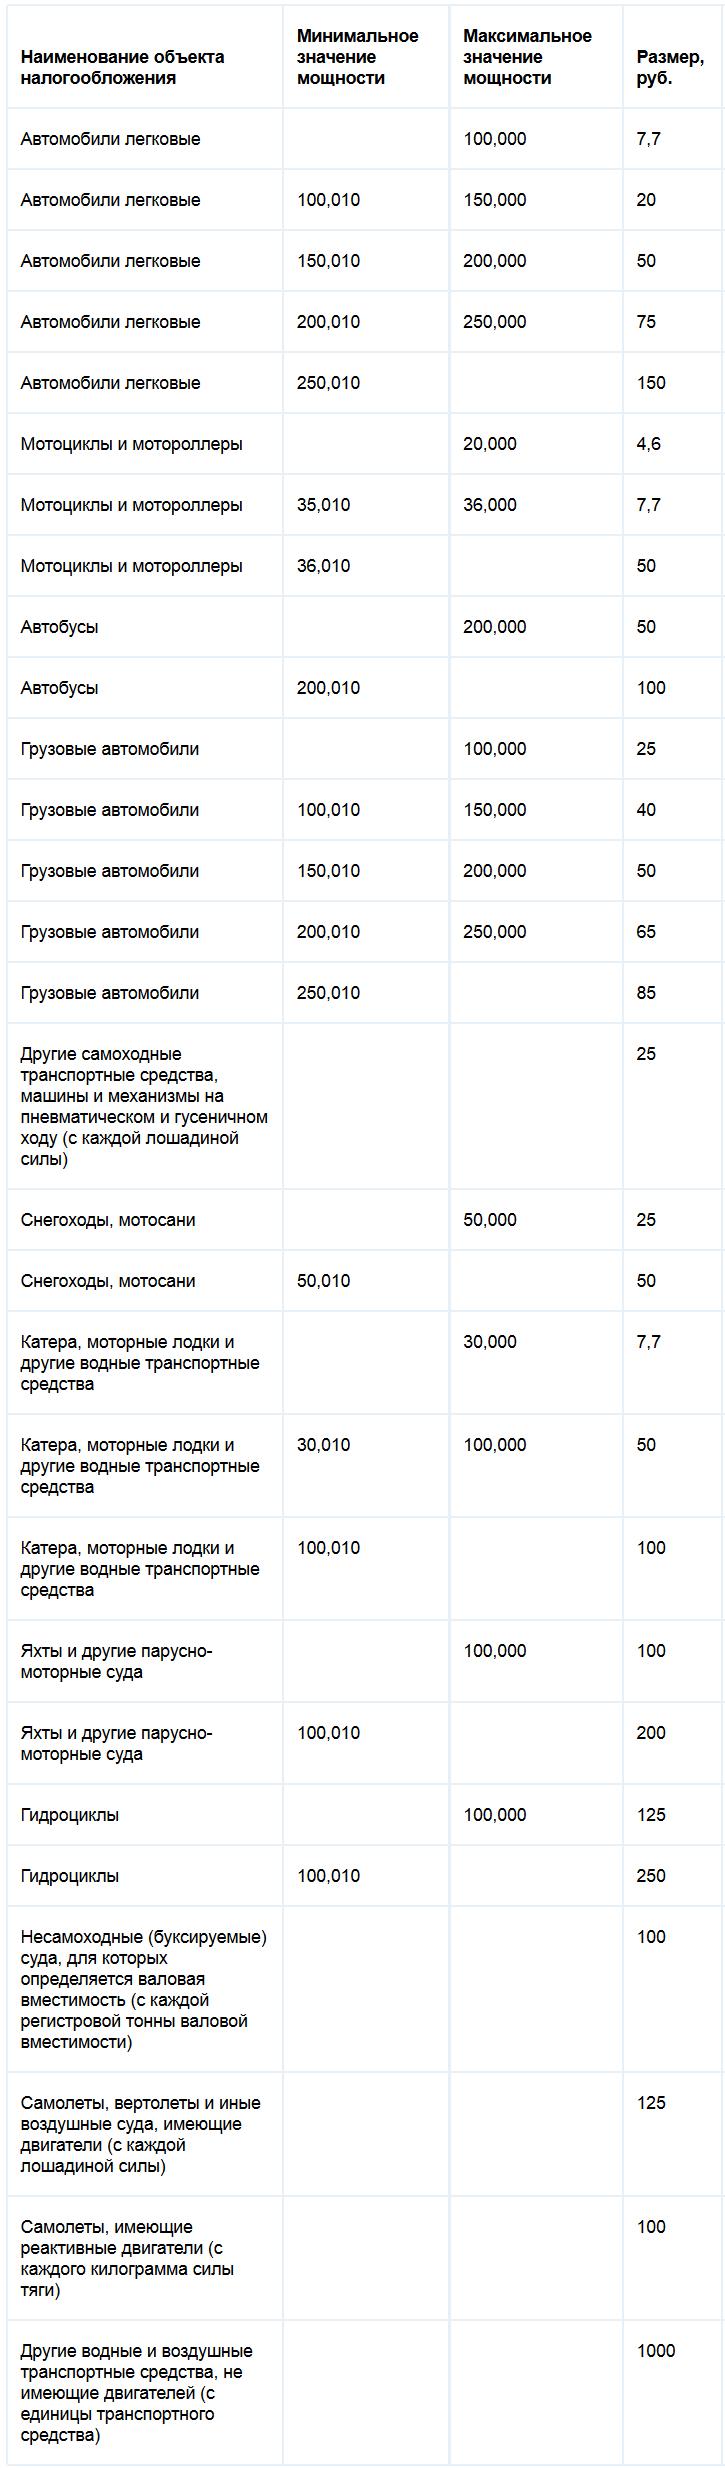 Транспортный налог в регионах рф 2019 сравнительная таблица